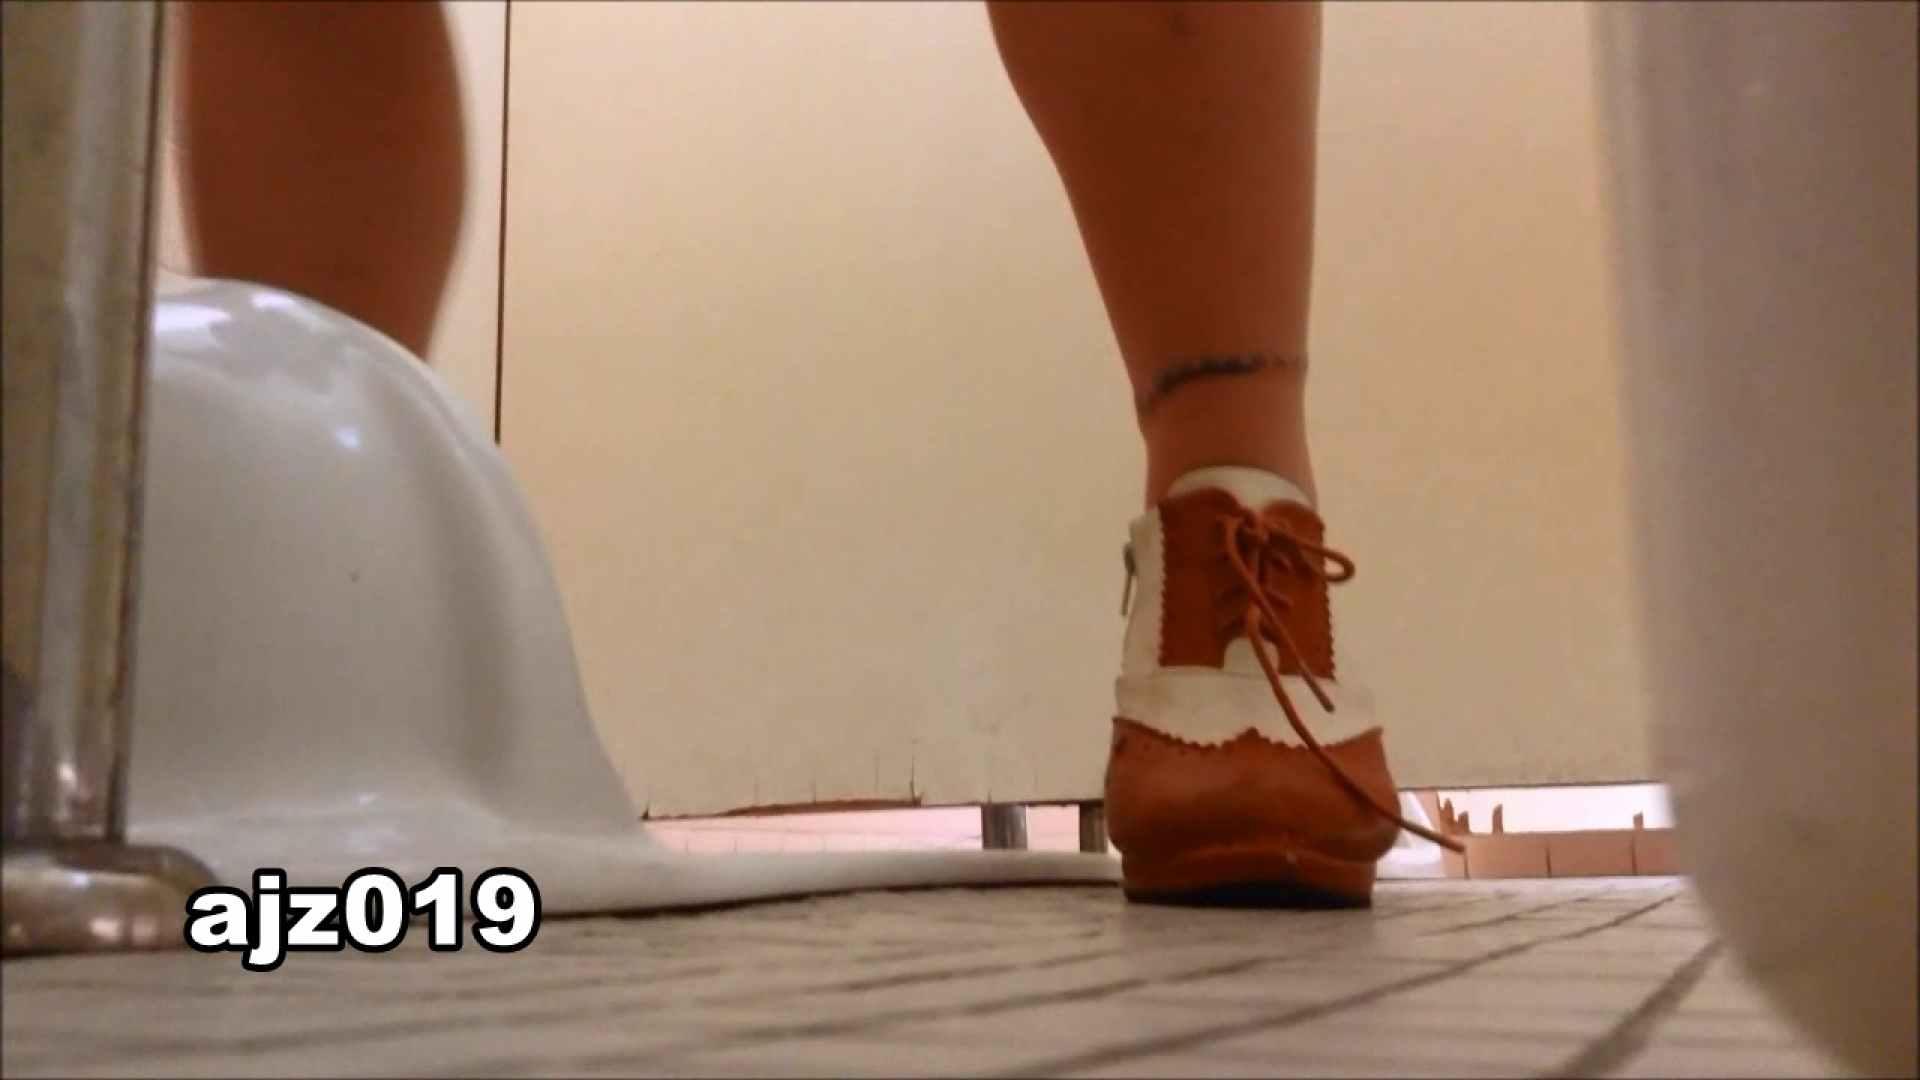 某有名大学女性洗面所 vol.19 色っぽいOL達 のぞき動画画像 84pic 32